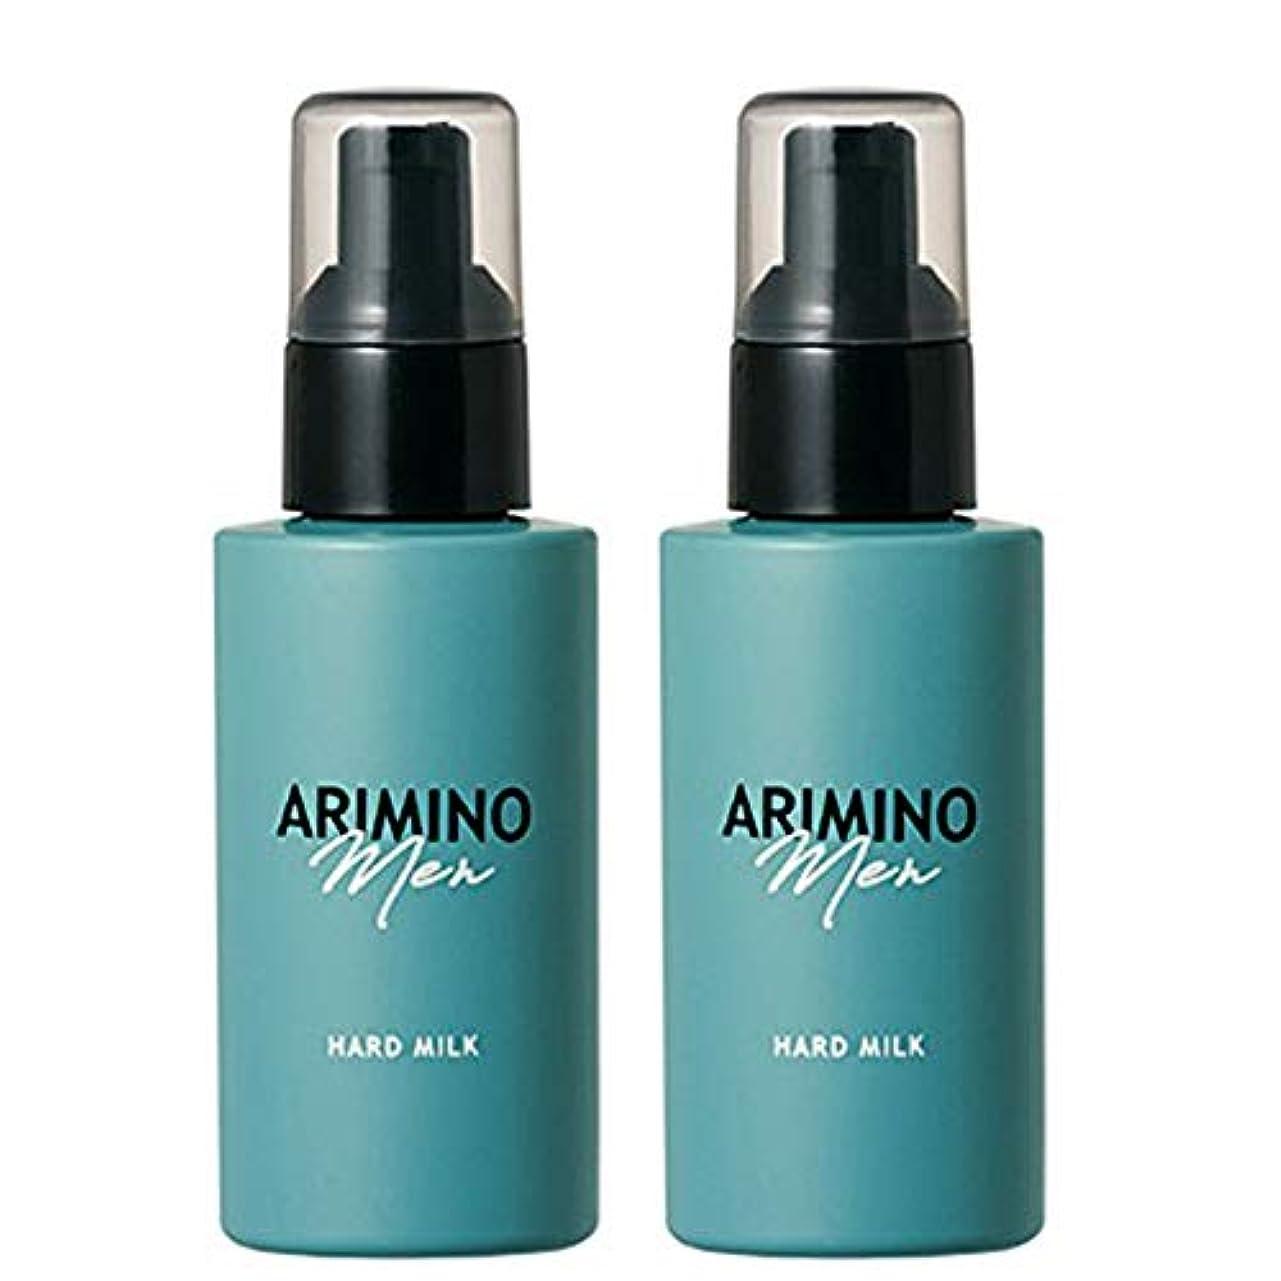 検索エンジンマーケティング階段ハウスアリミノ メン ハード ミルク 100g ×2個 セット arimino men